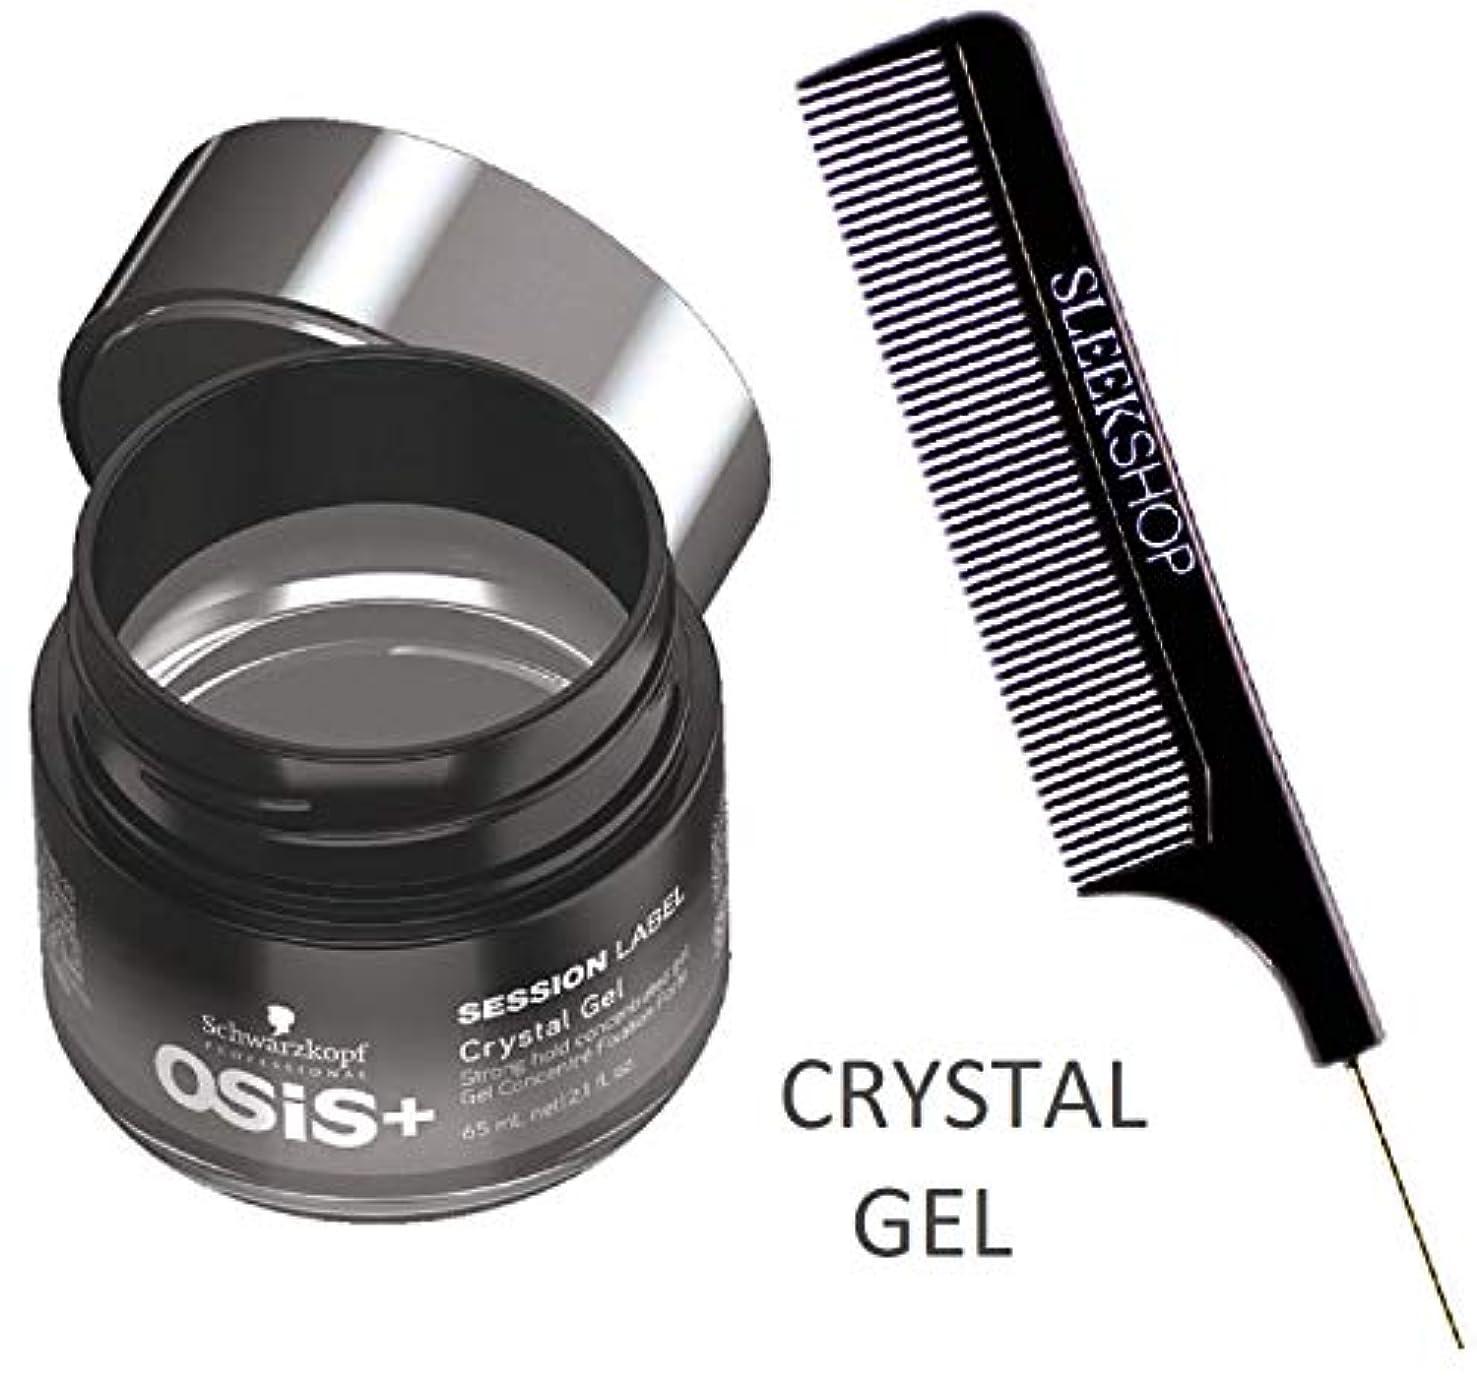 不良品暴力的な悩みSchwarzkopf OSIS +セッションラベルCRYSTAL GELストロングホールド濃縮ジェル(STYLISTのKIT) 2.1オンス/ 65ミリリットル